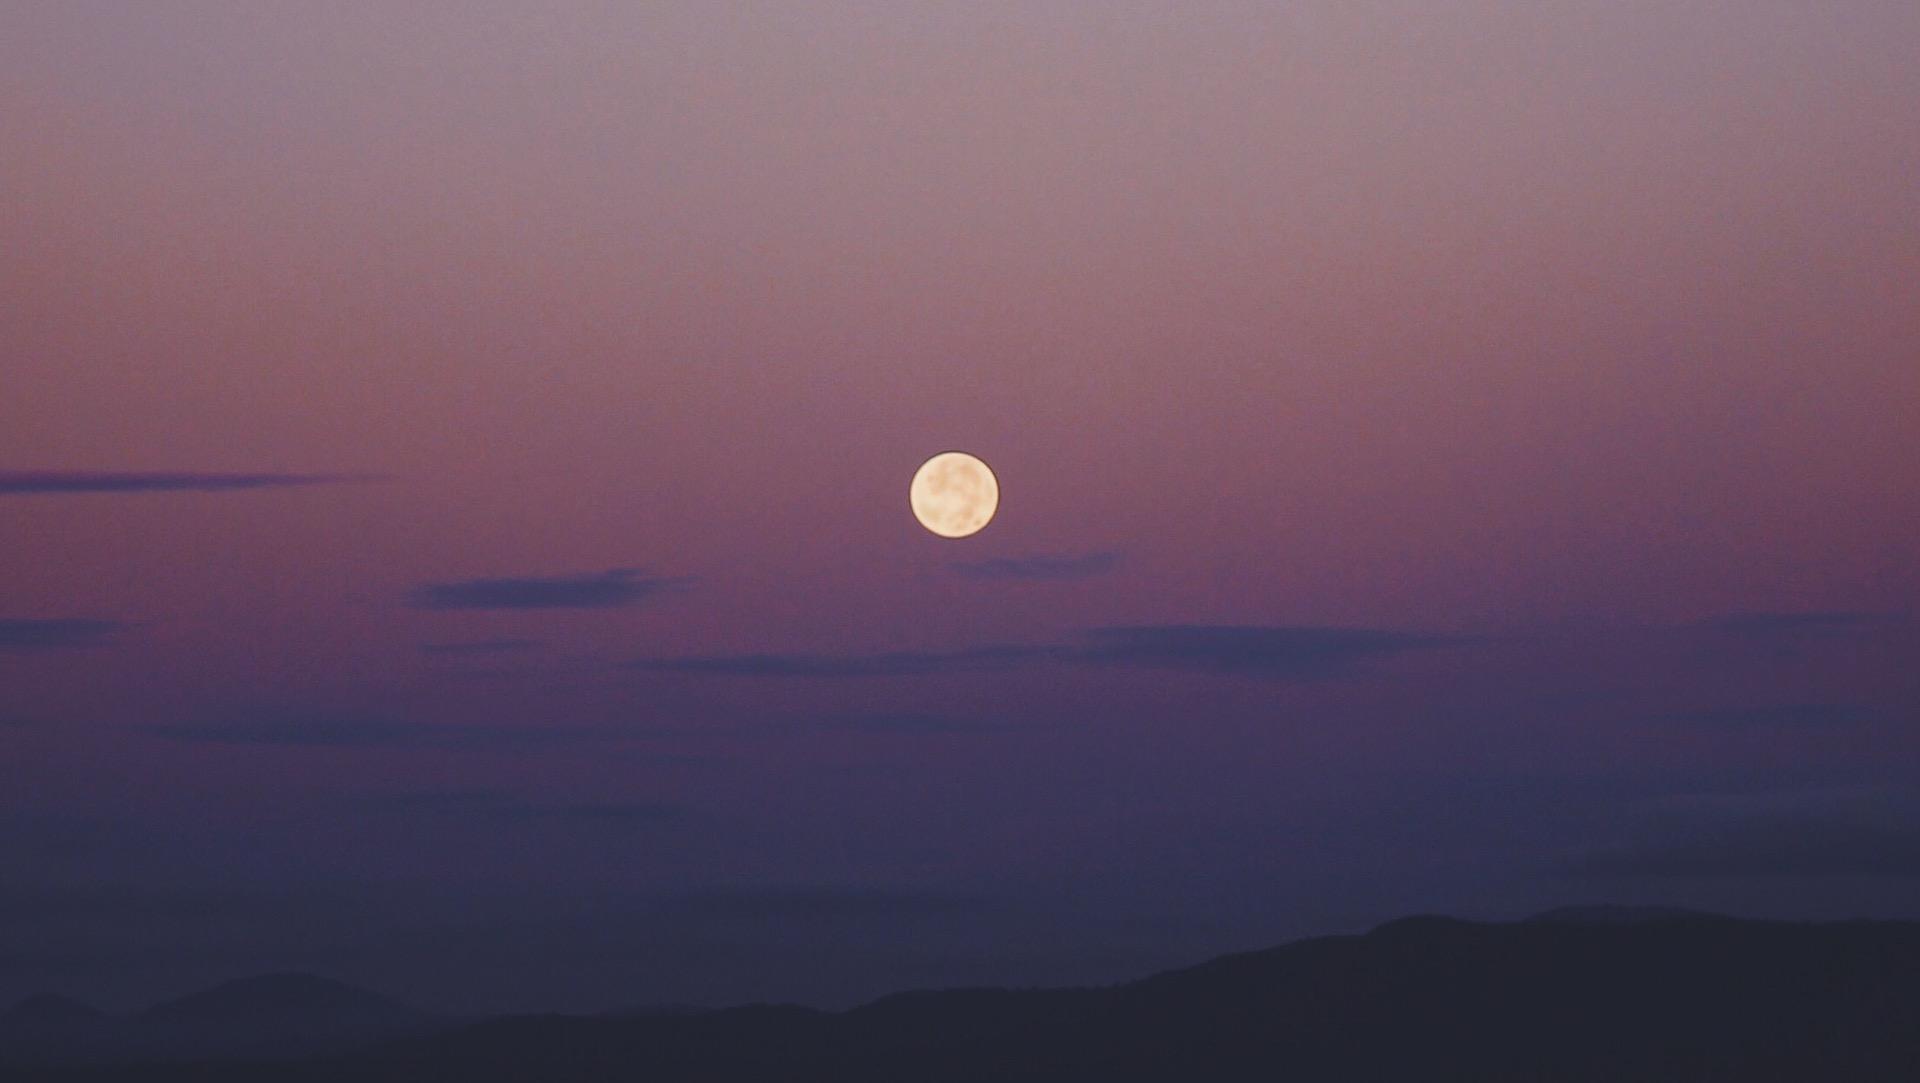 El 24 de junio llega la última superluna de 2021: Strawberry Moon